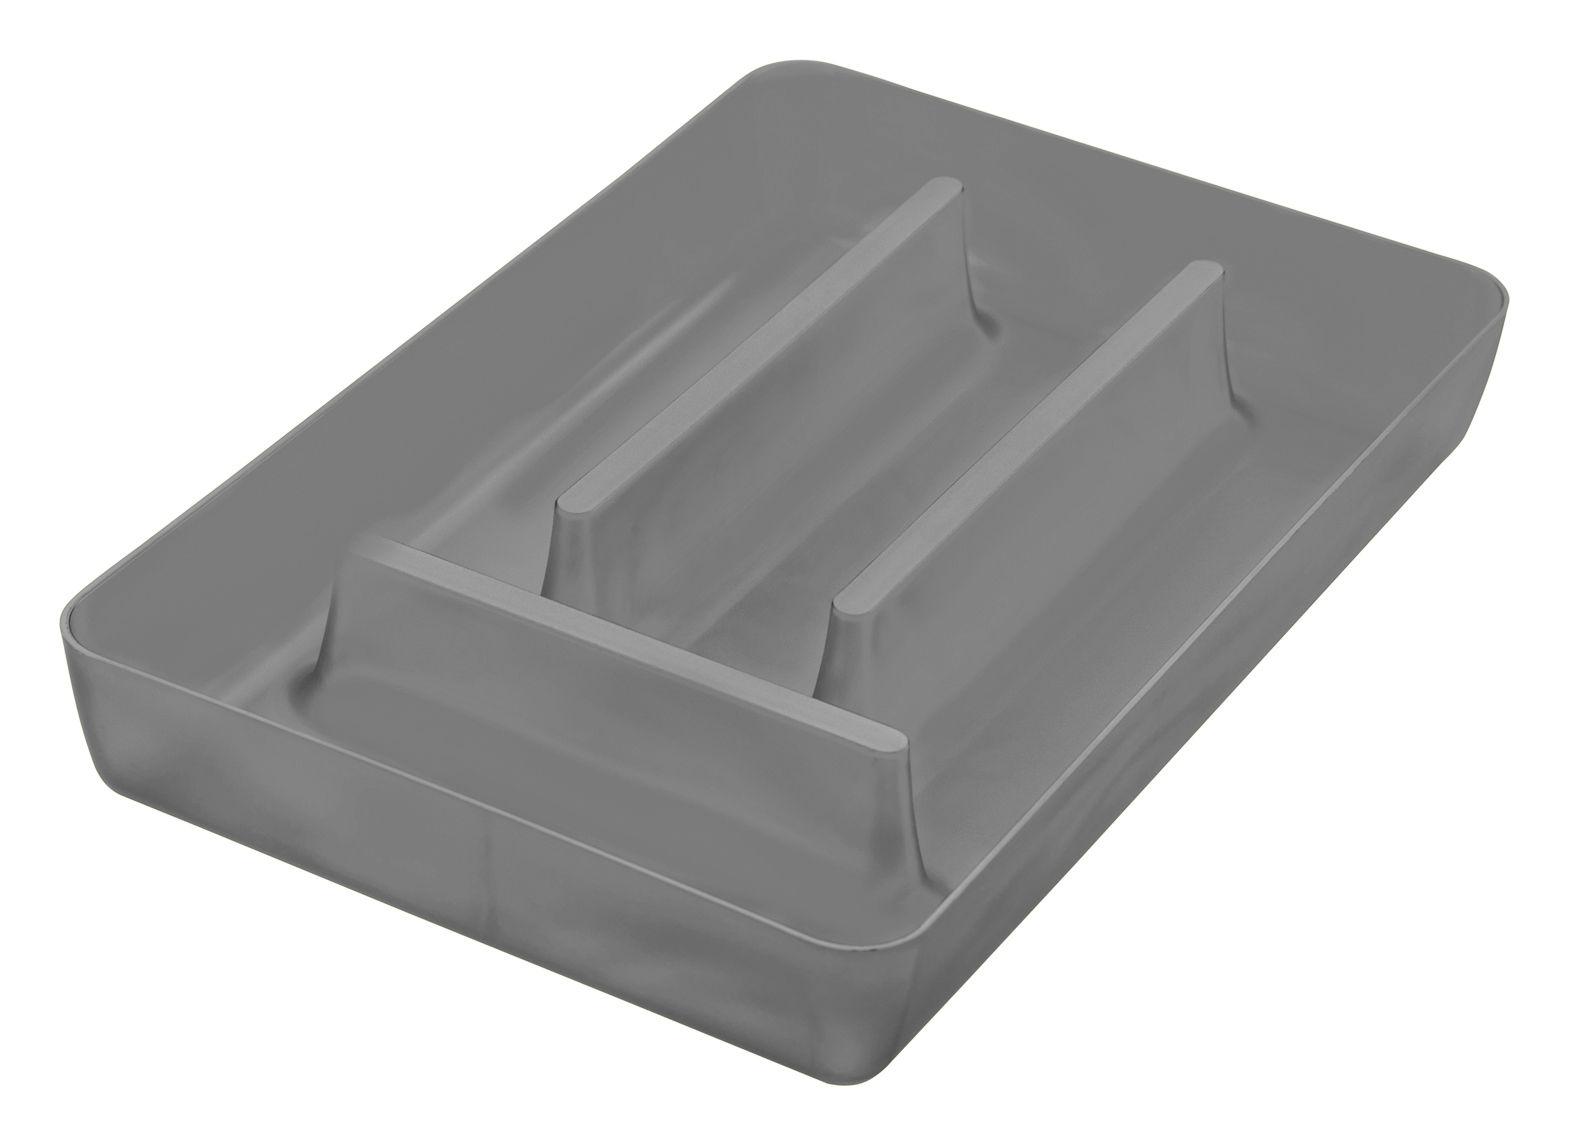 Cuisine - Pratique & malin - Porte-couverts Rio - Koziol - Anthracite transparent - Plastique